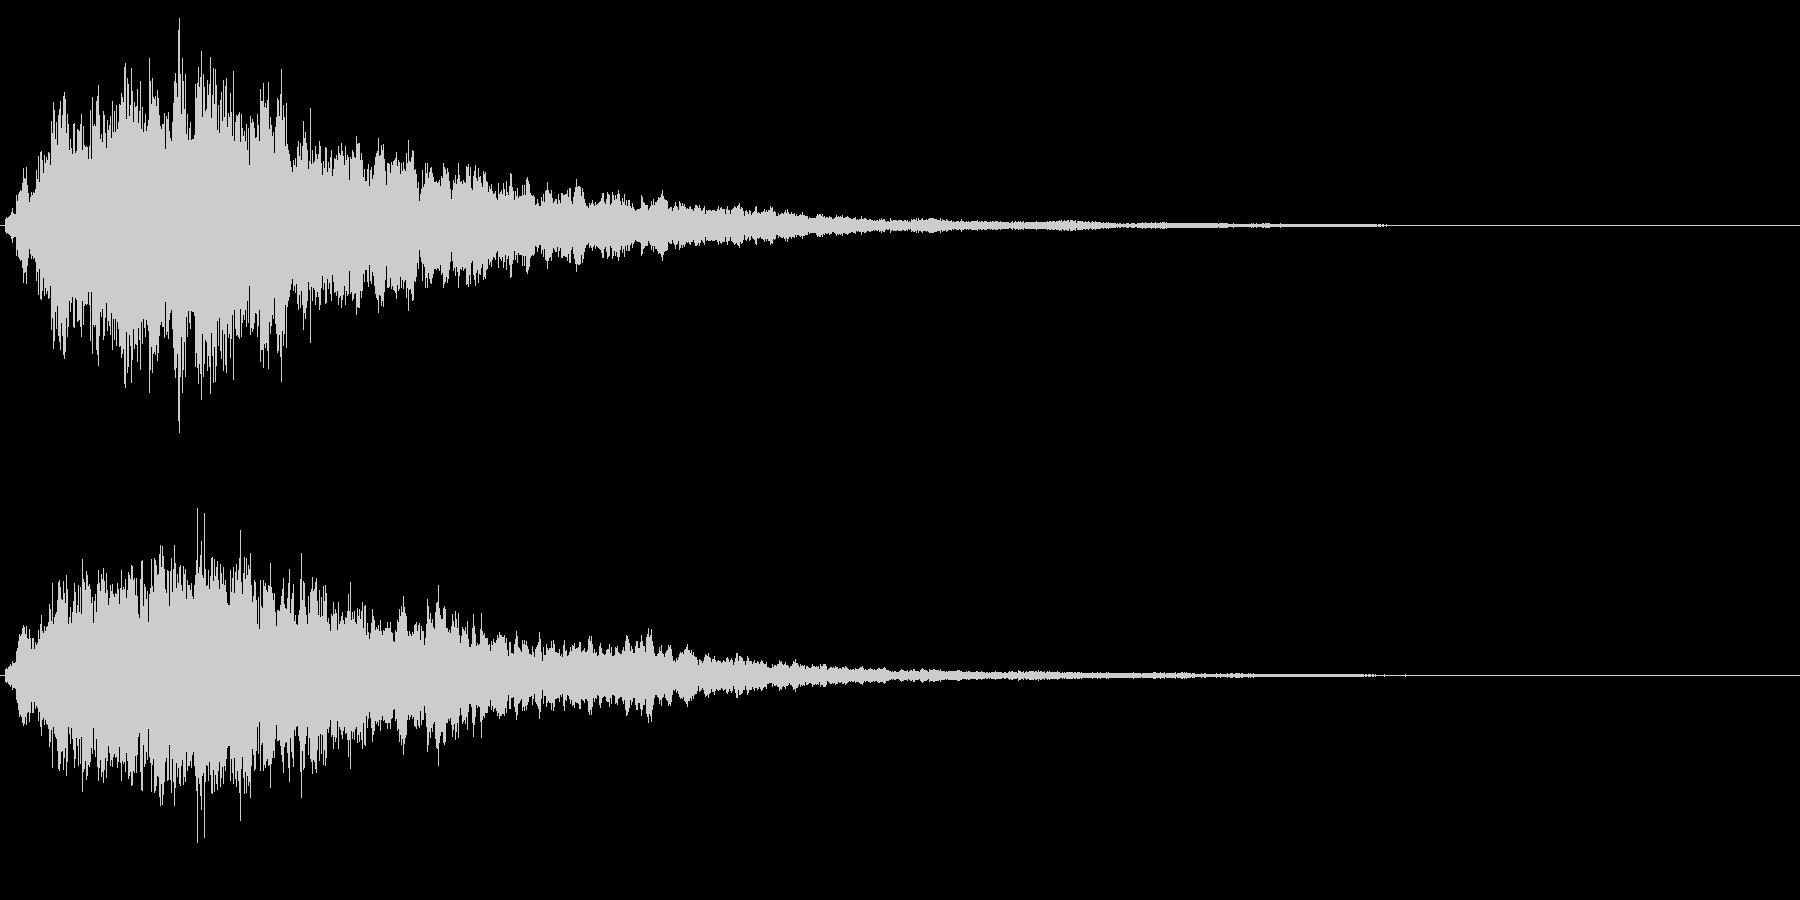 キラキラ輝く テロップ音 ボタン音 1bの未再生の波形